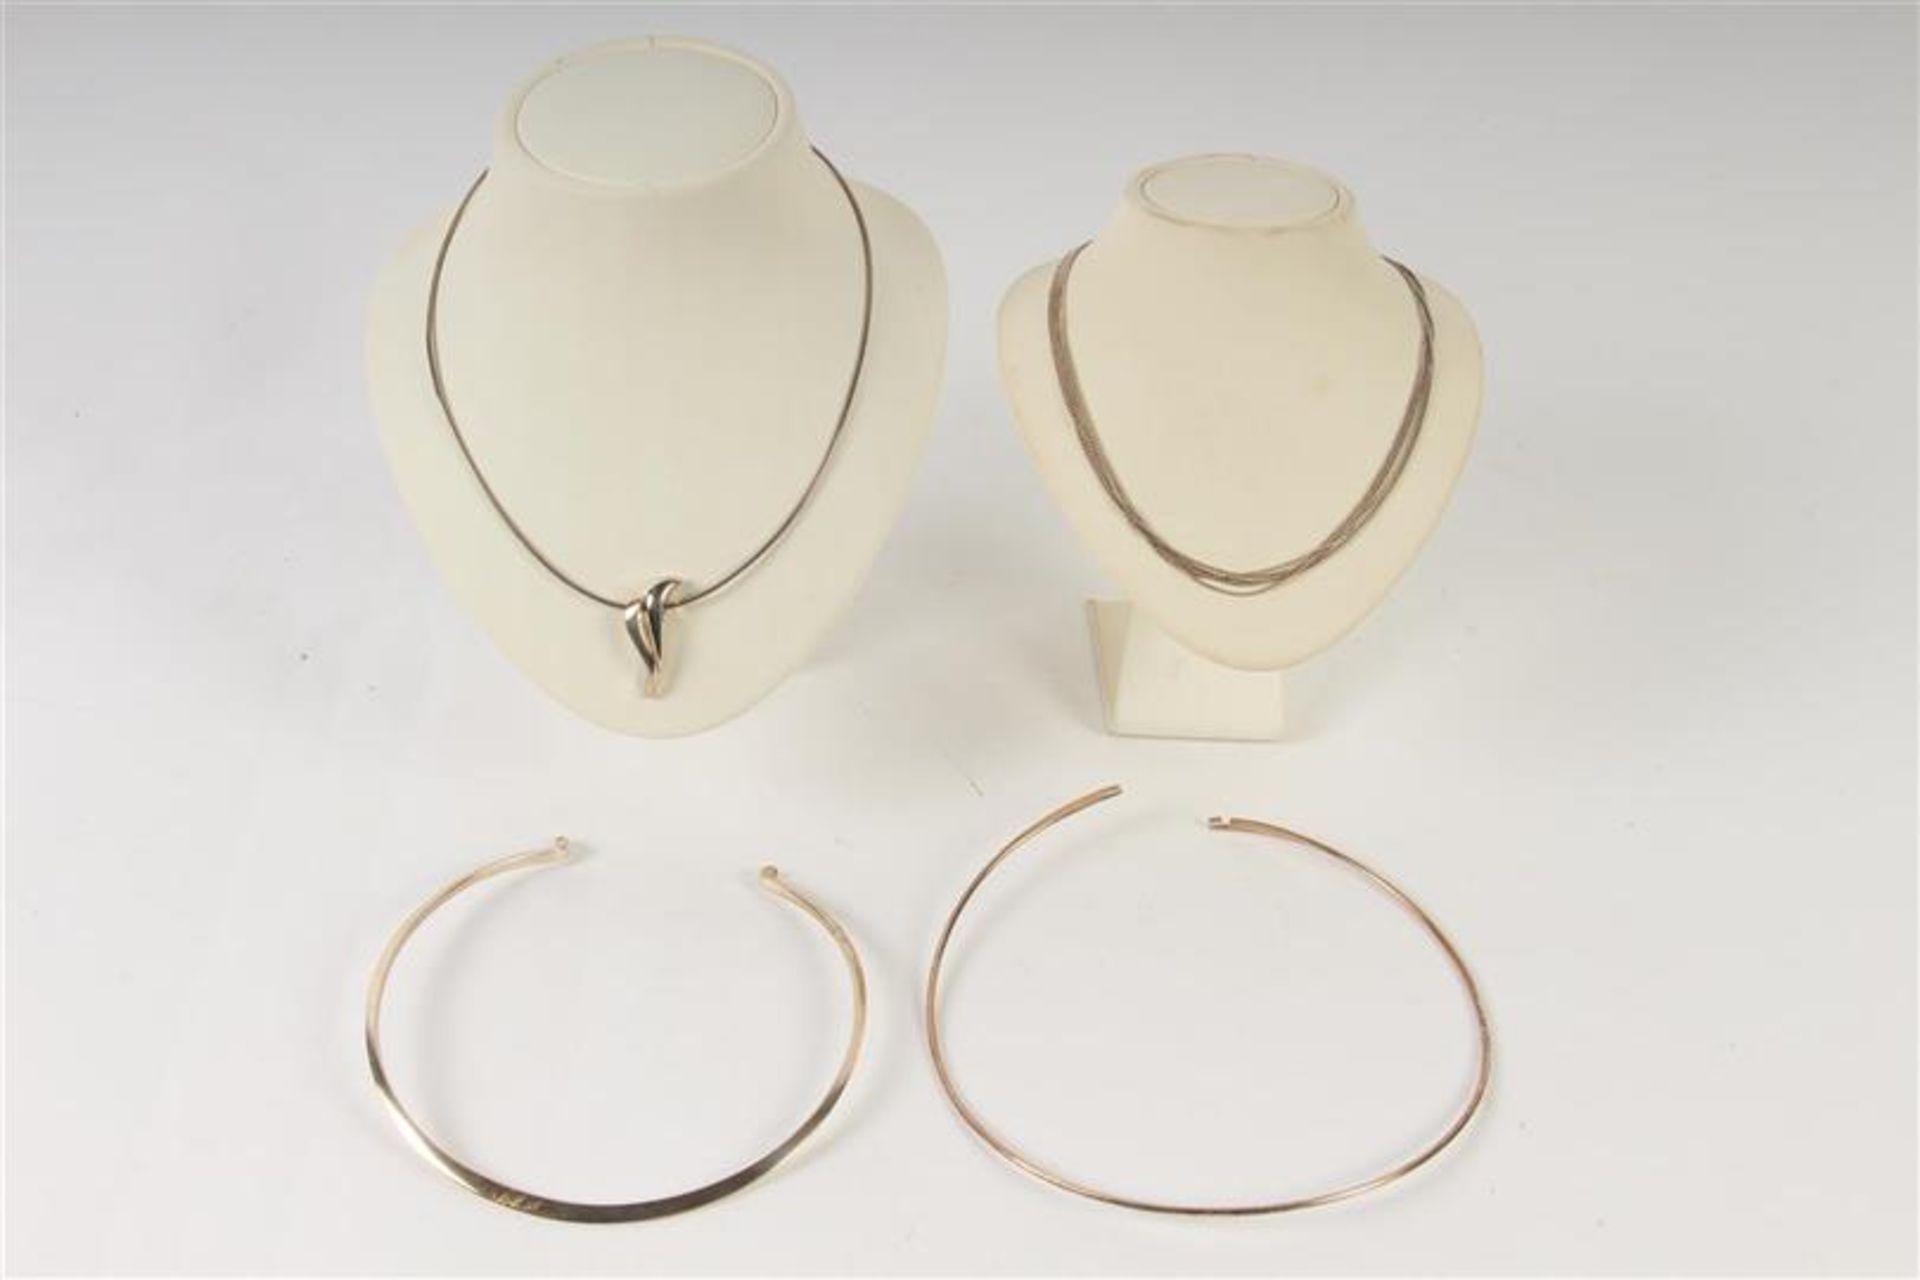 Vier zilveren colliers. Gewicht: 56 g.